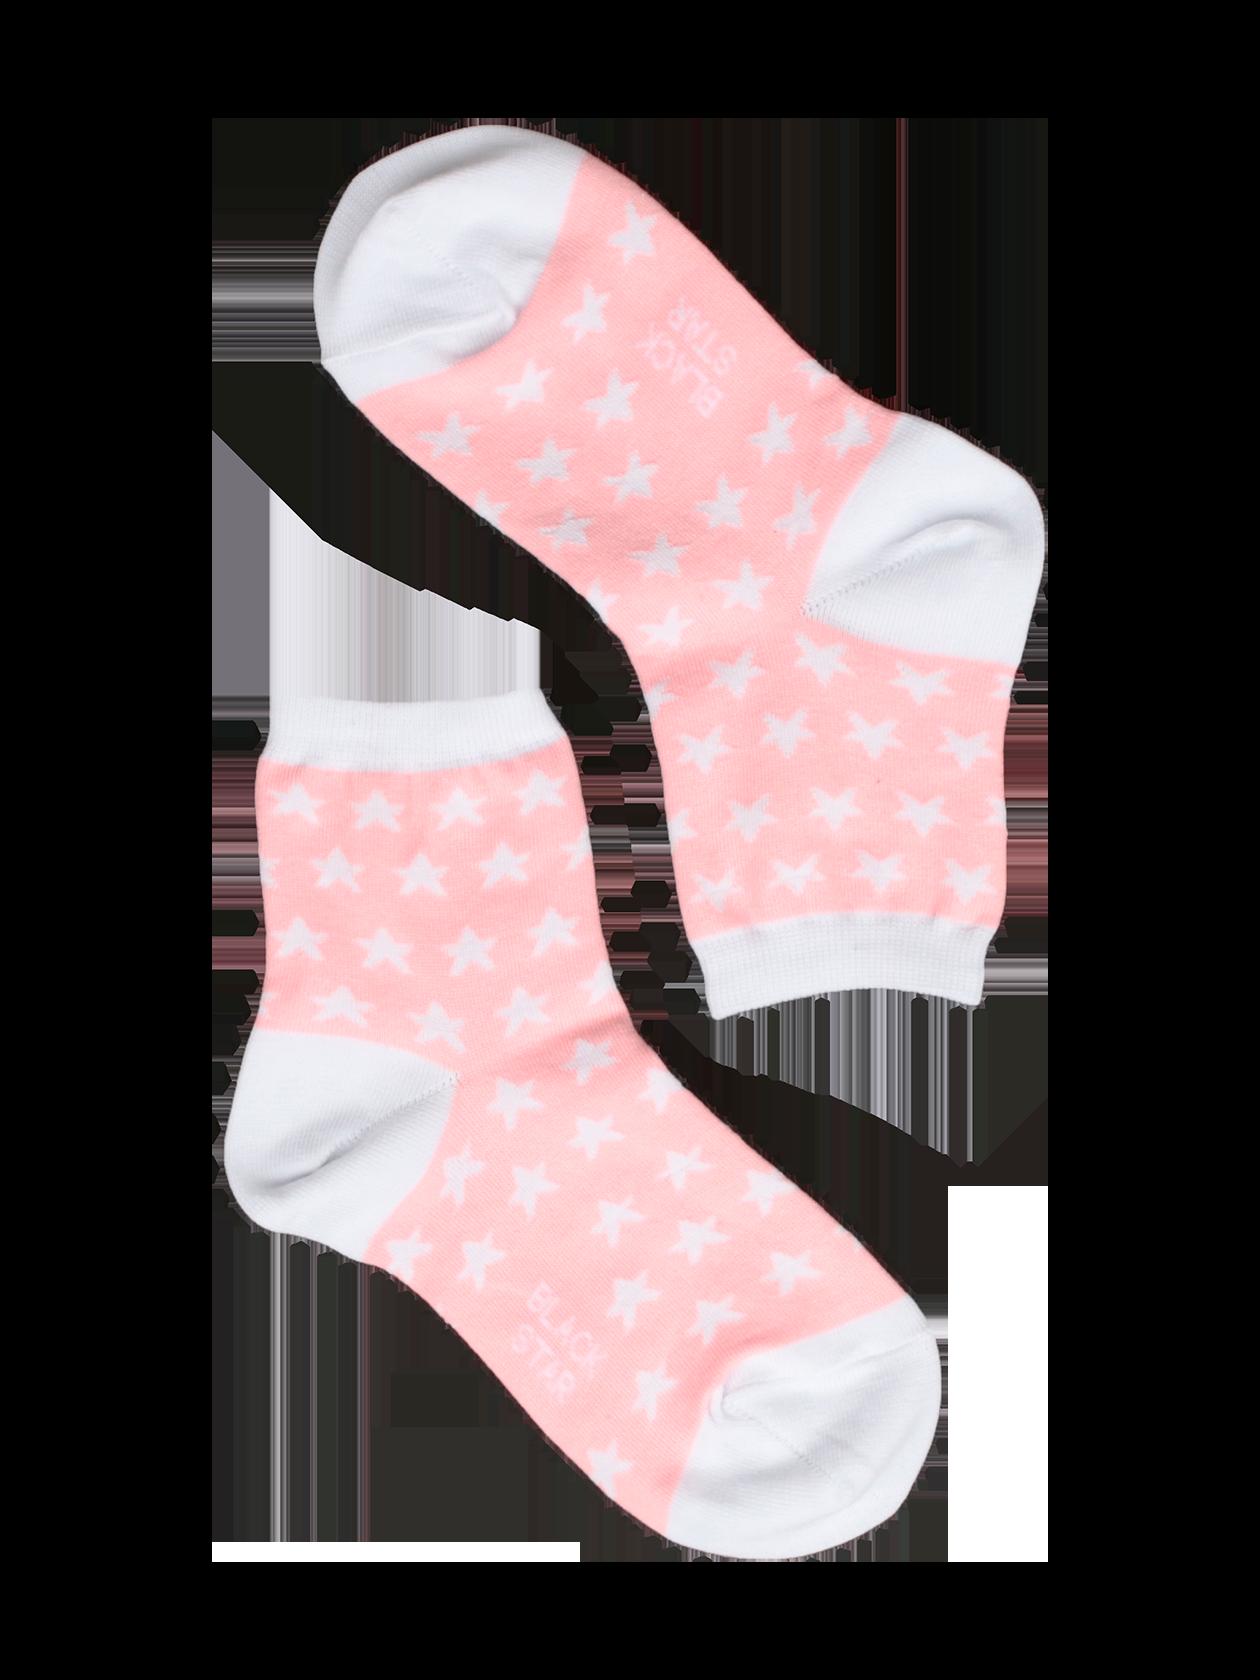 Носки детские SUPER STARНоски детские Super Star – обязательная вещь в каждом шкафу. Современная фабричная вязка, натуральный высококачественный материал обеспечивают комфорт и удобство во время активных движений. Модель представлена в двух цветовых вариантах – с черным задником, пяткой, звездами и белой стопой или белыми деталями на розовом фоне. Основание голенища дополнено фиксирующей резинкой. Носки детские из коллекции Black Star Wear отлично подходят для повседневной носки, выдерживают частые стирки.<br><br>Размер: 5-7 years<br>Цвет: Розовый<br>Пол: Унисекс